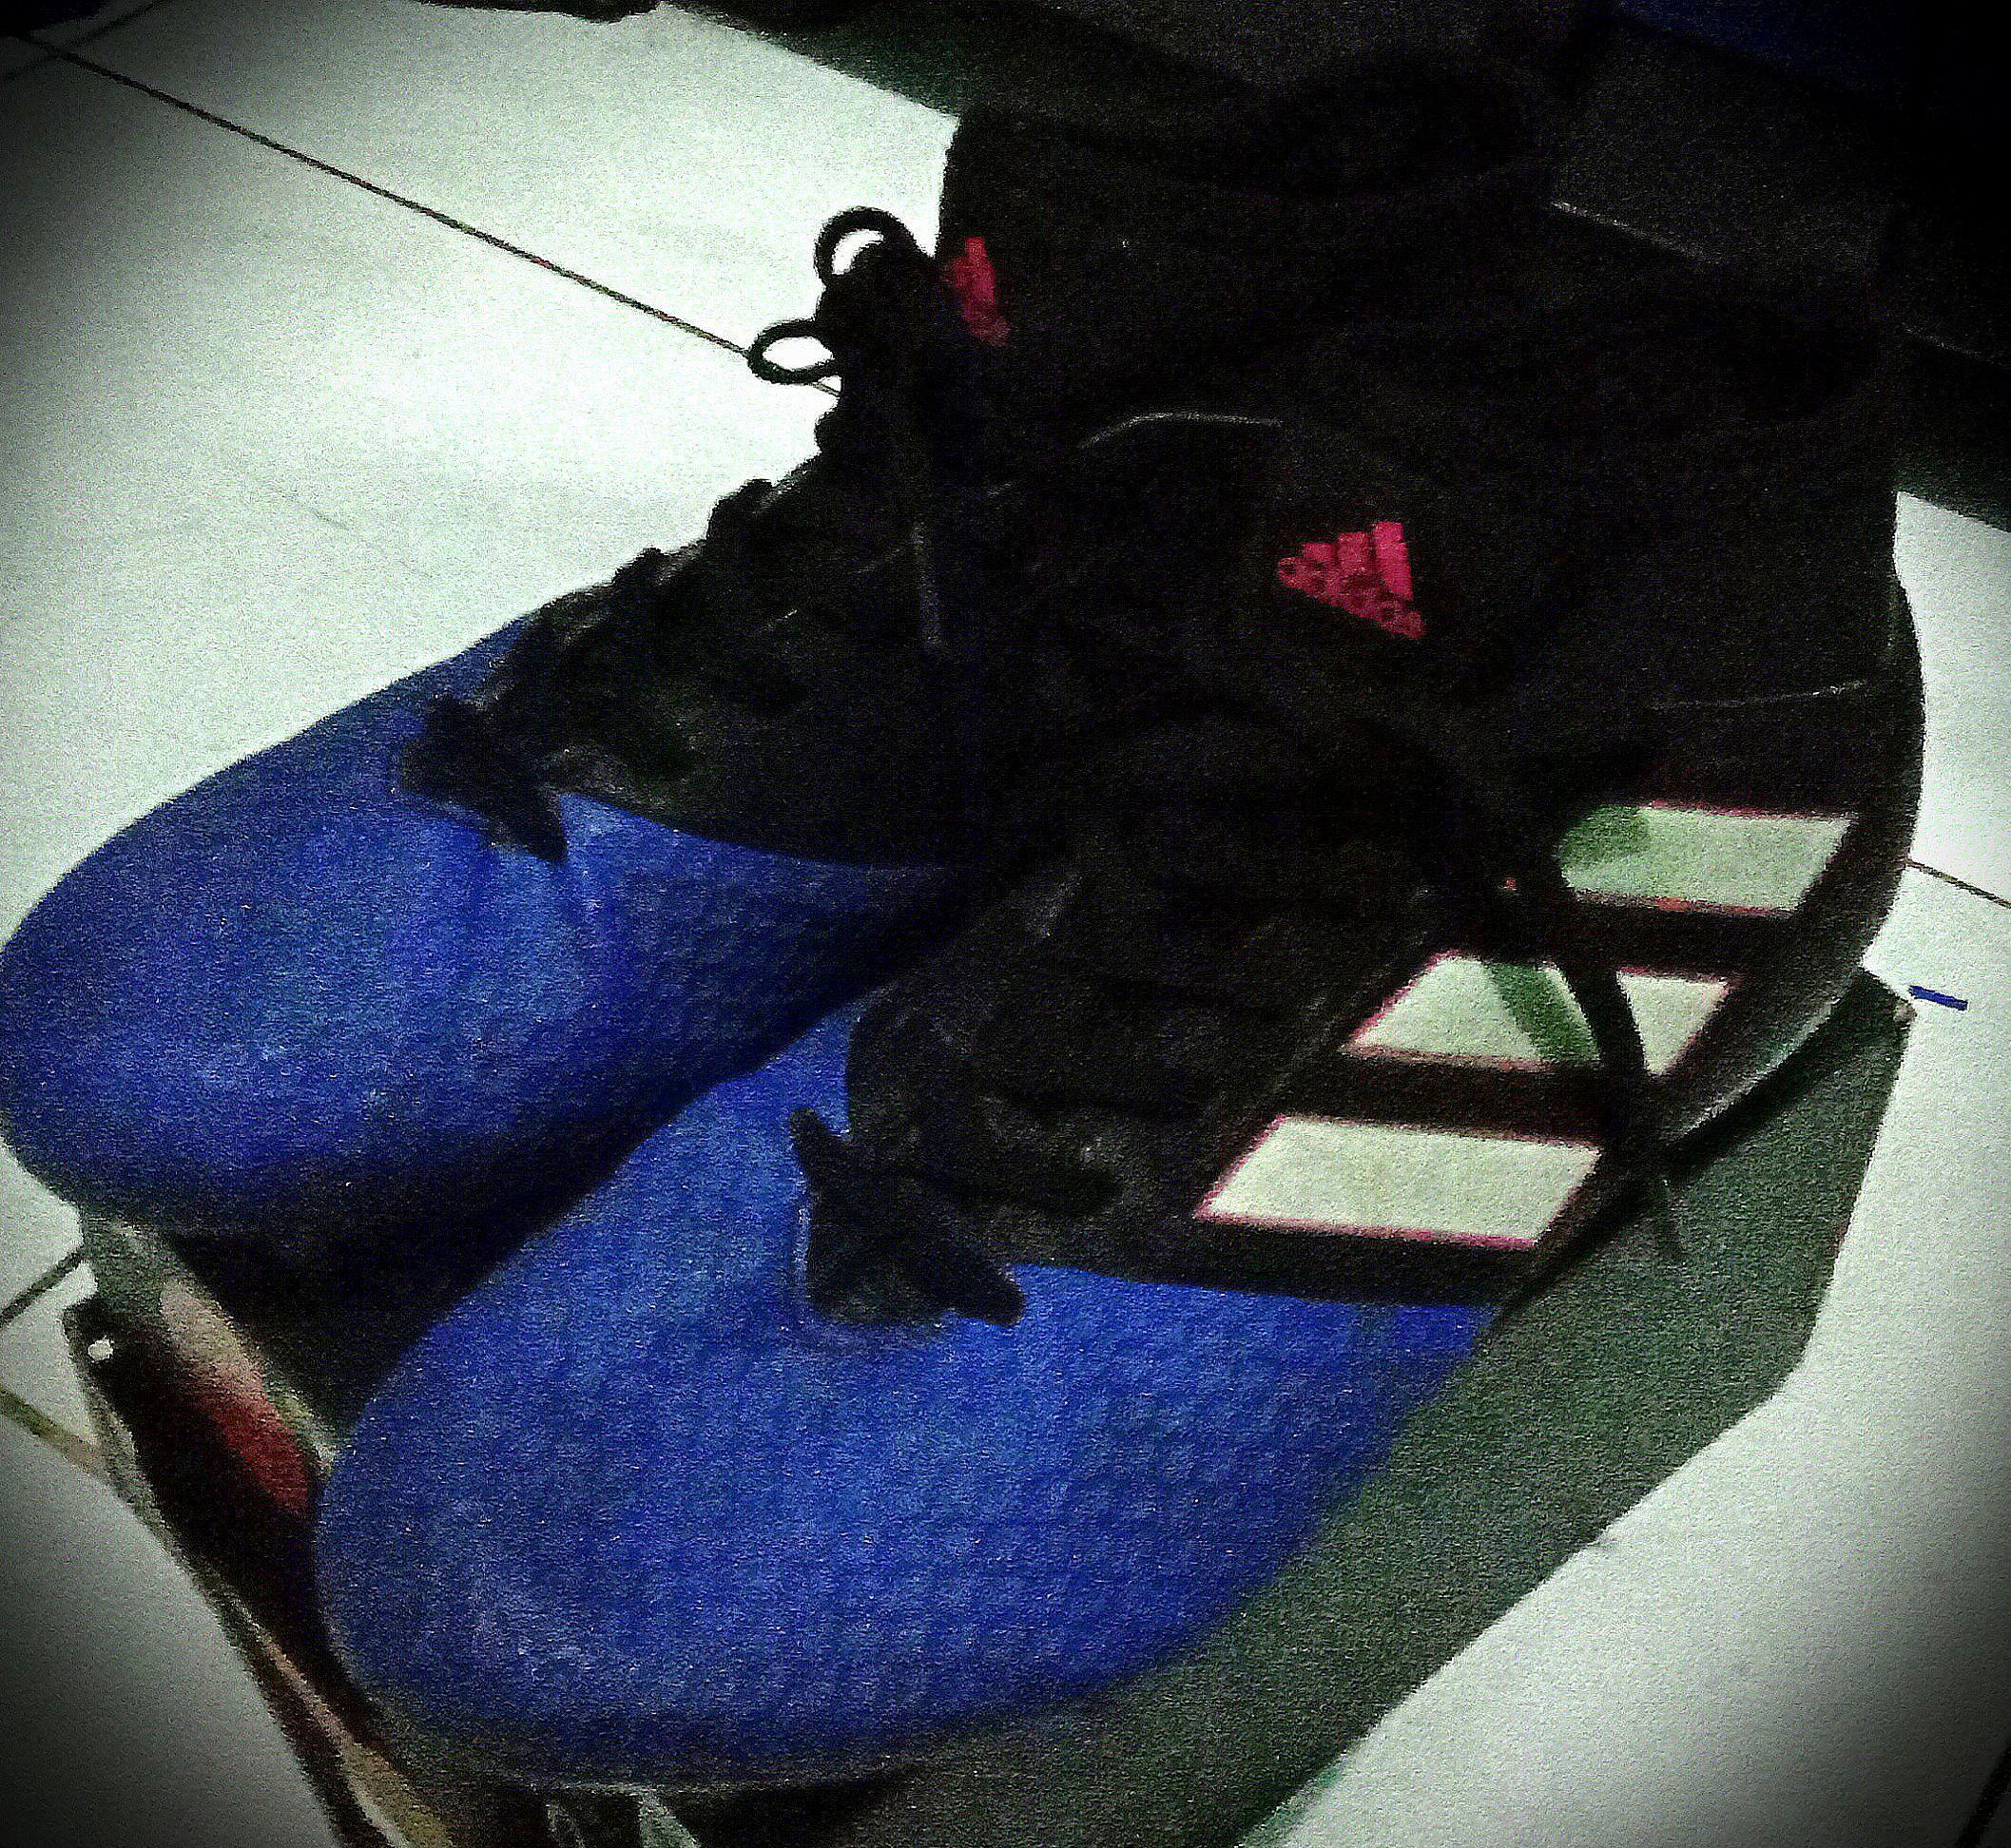 Sepatu Anak - Adidas Ace 17.3 Primemesh FG